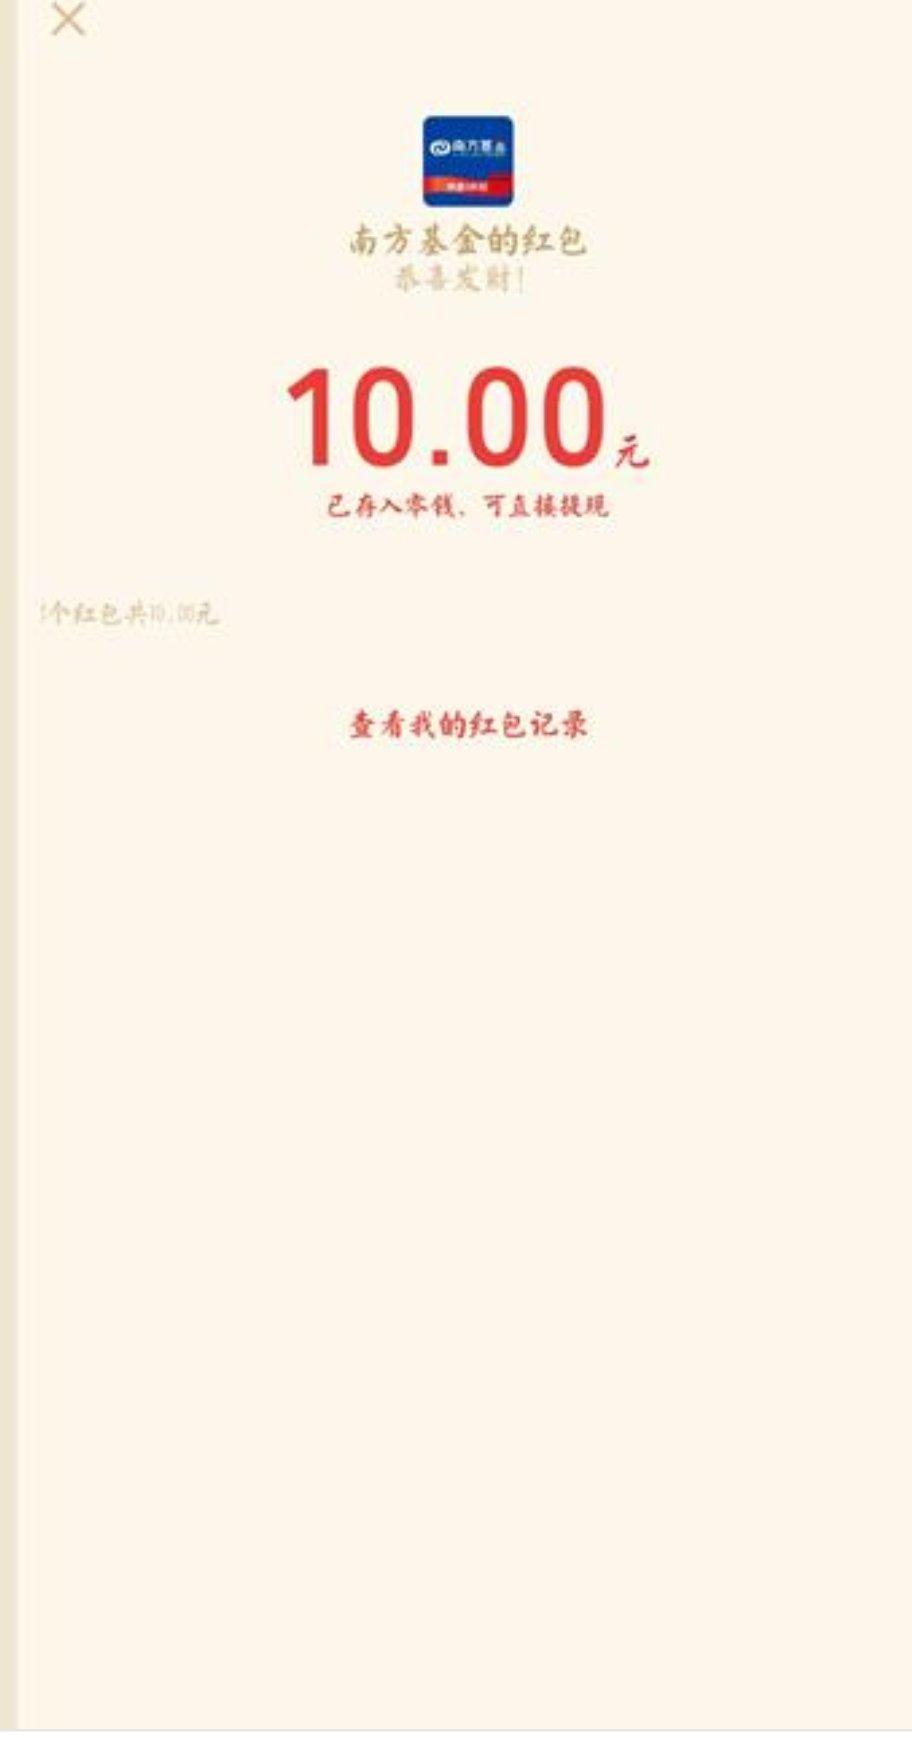 【现金红包】需要绑卡 撸18.88 限新-聚合资源网